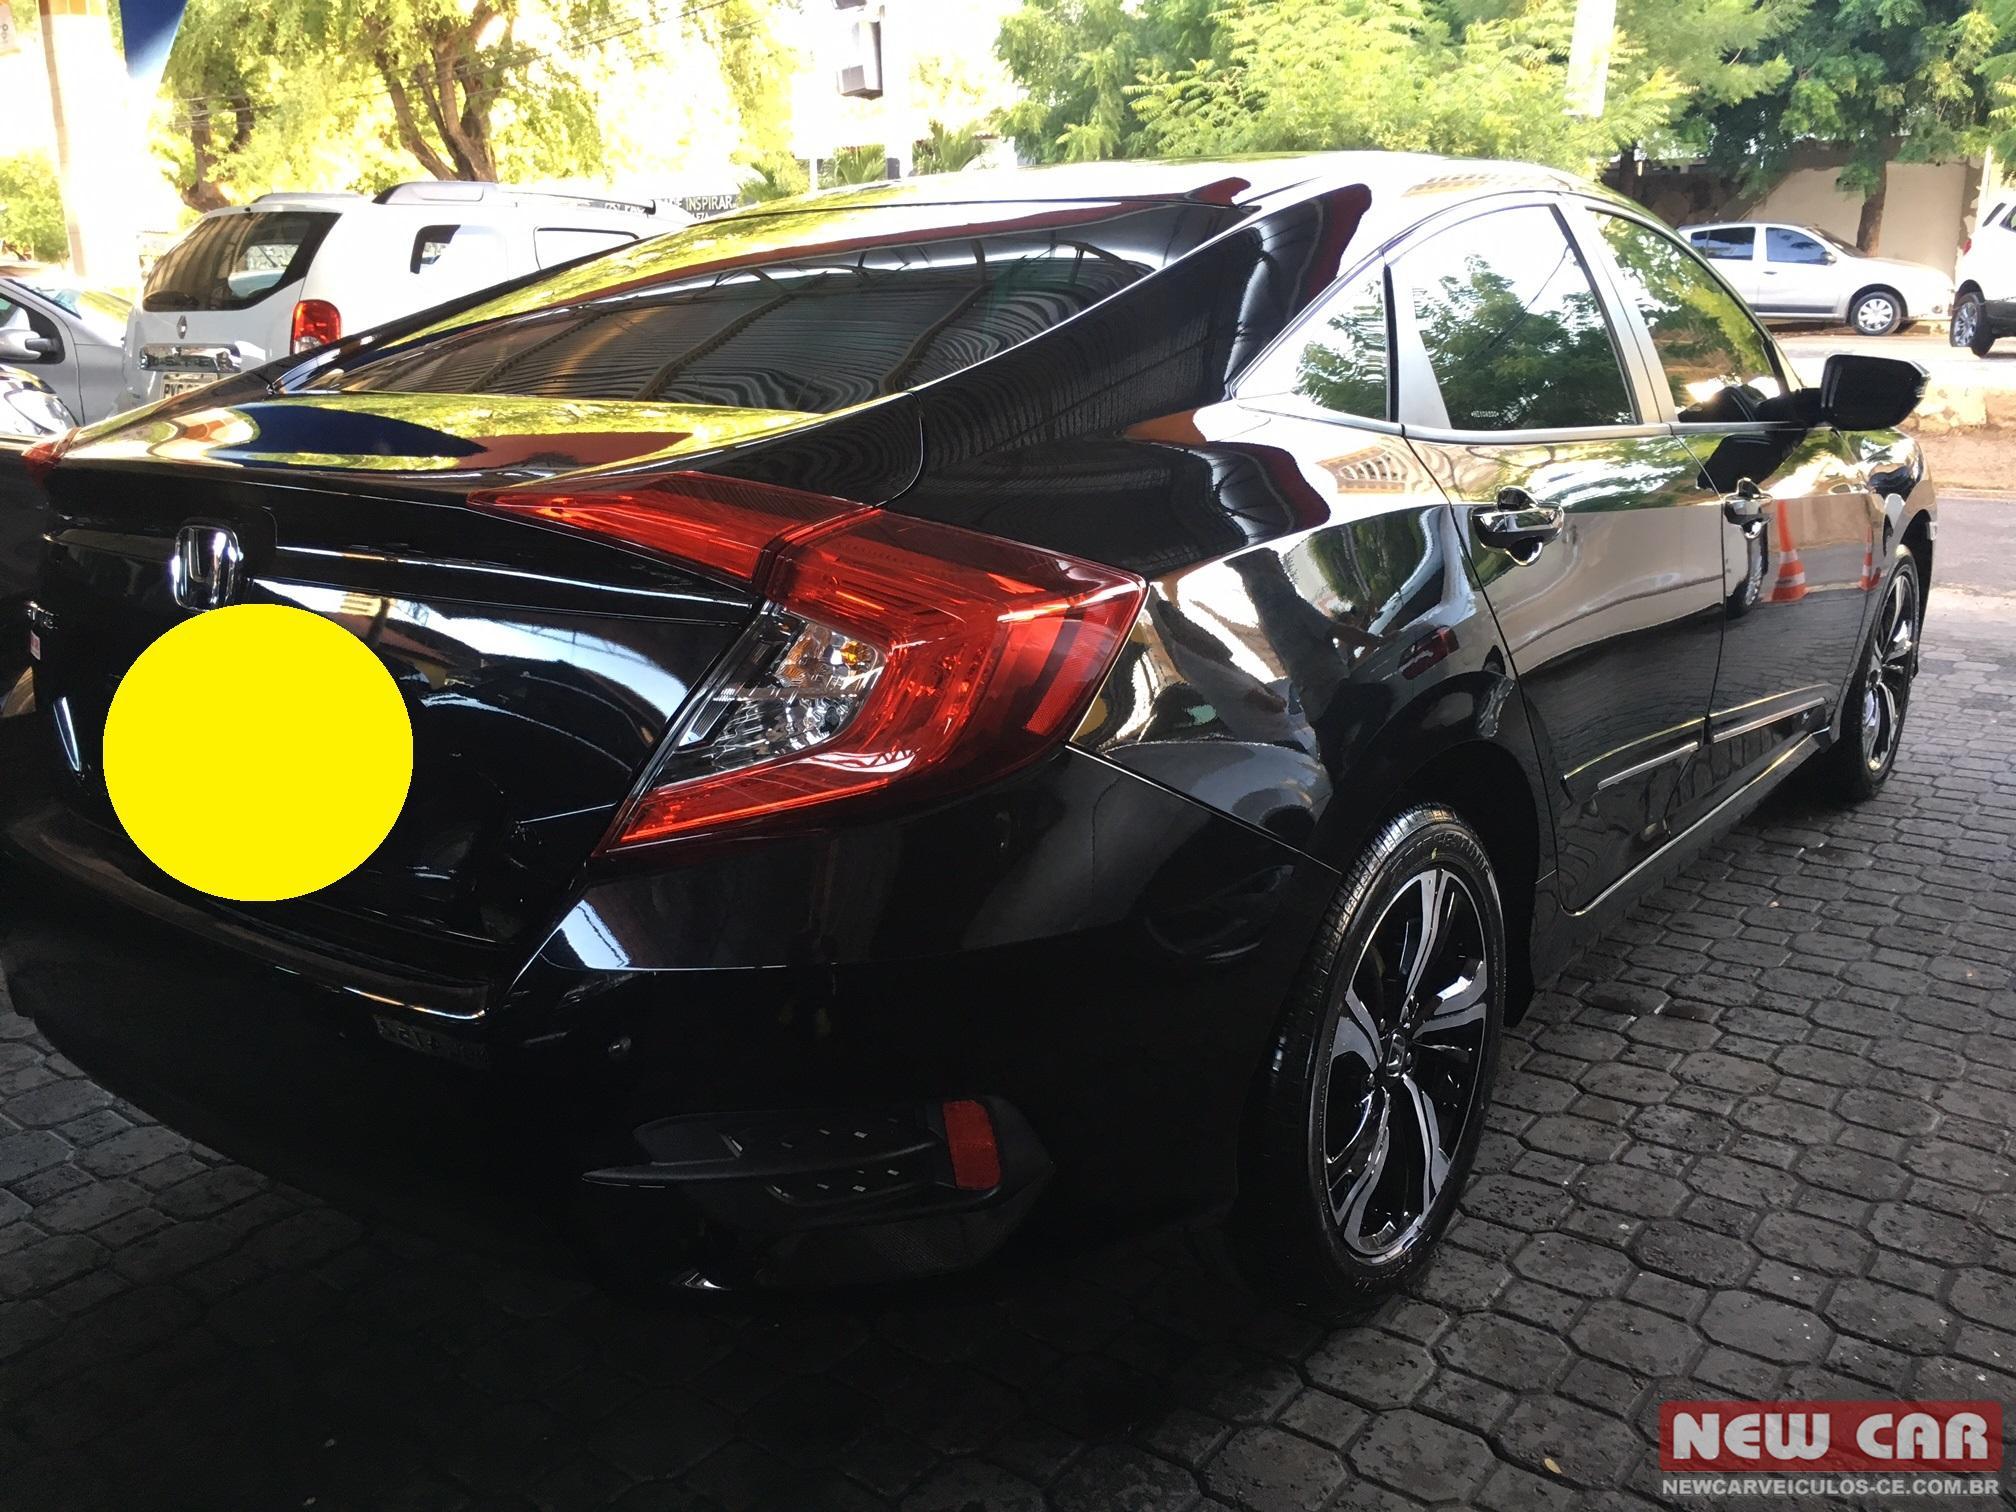 Honda Civic Sedan Exl 2 0 Flex 16v Aut 4p 2016 2017 Preto Escolha Selecta Carros Novos E Seminovos